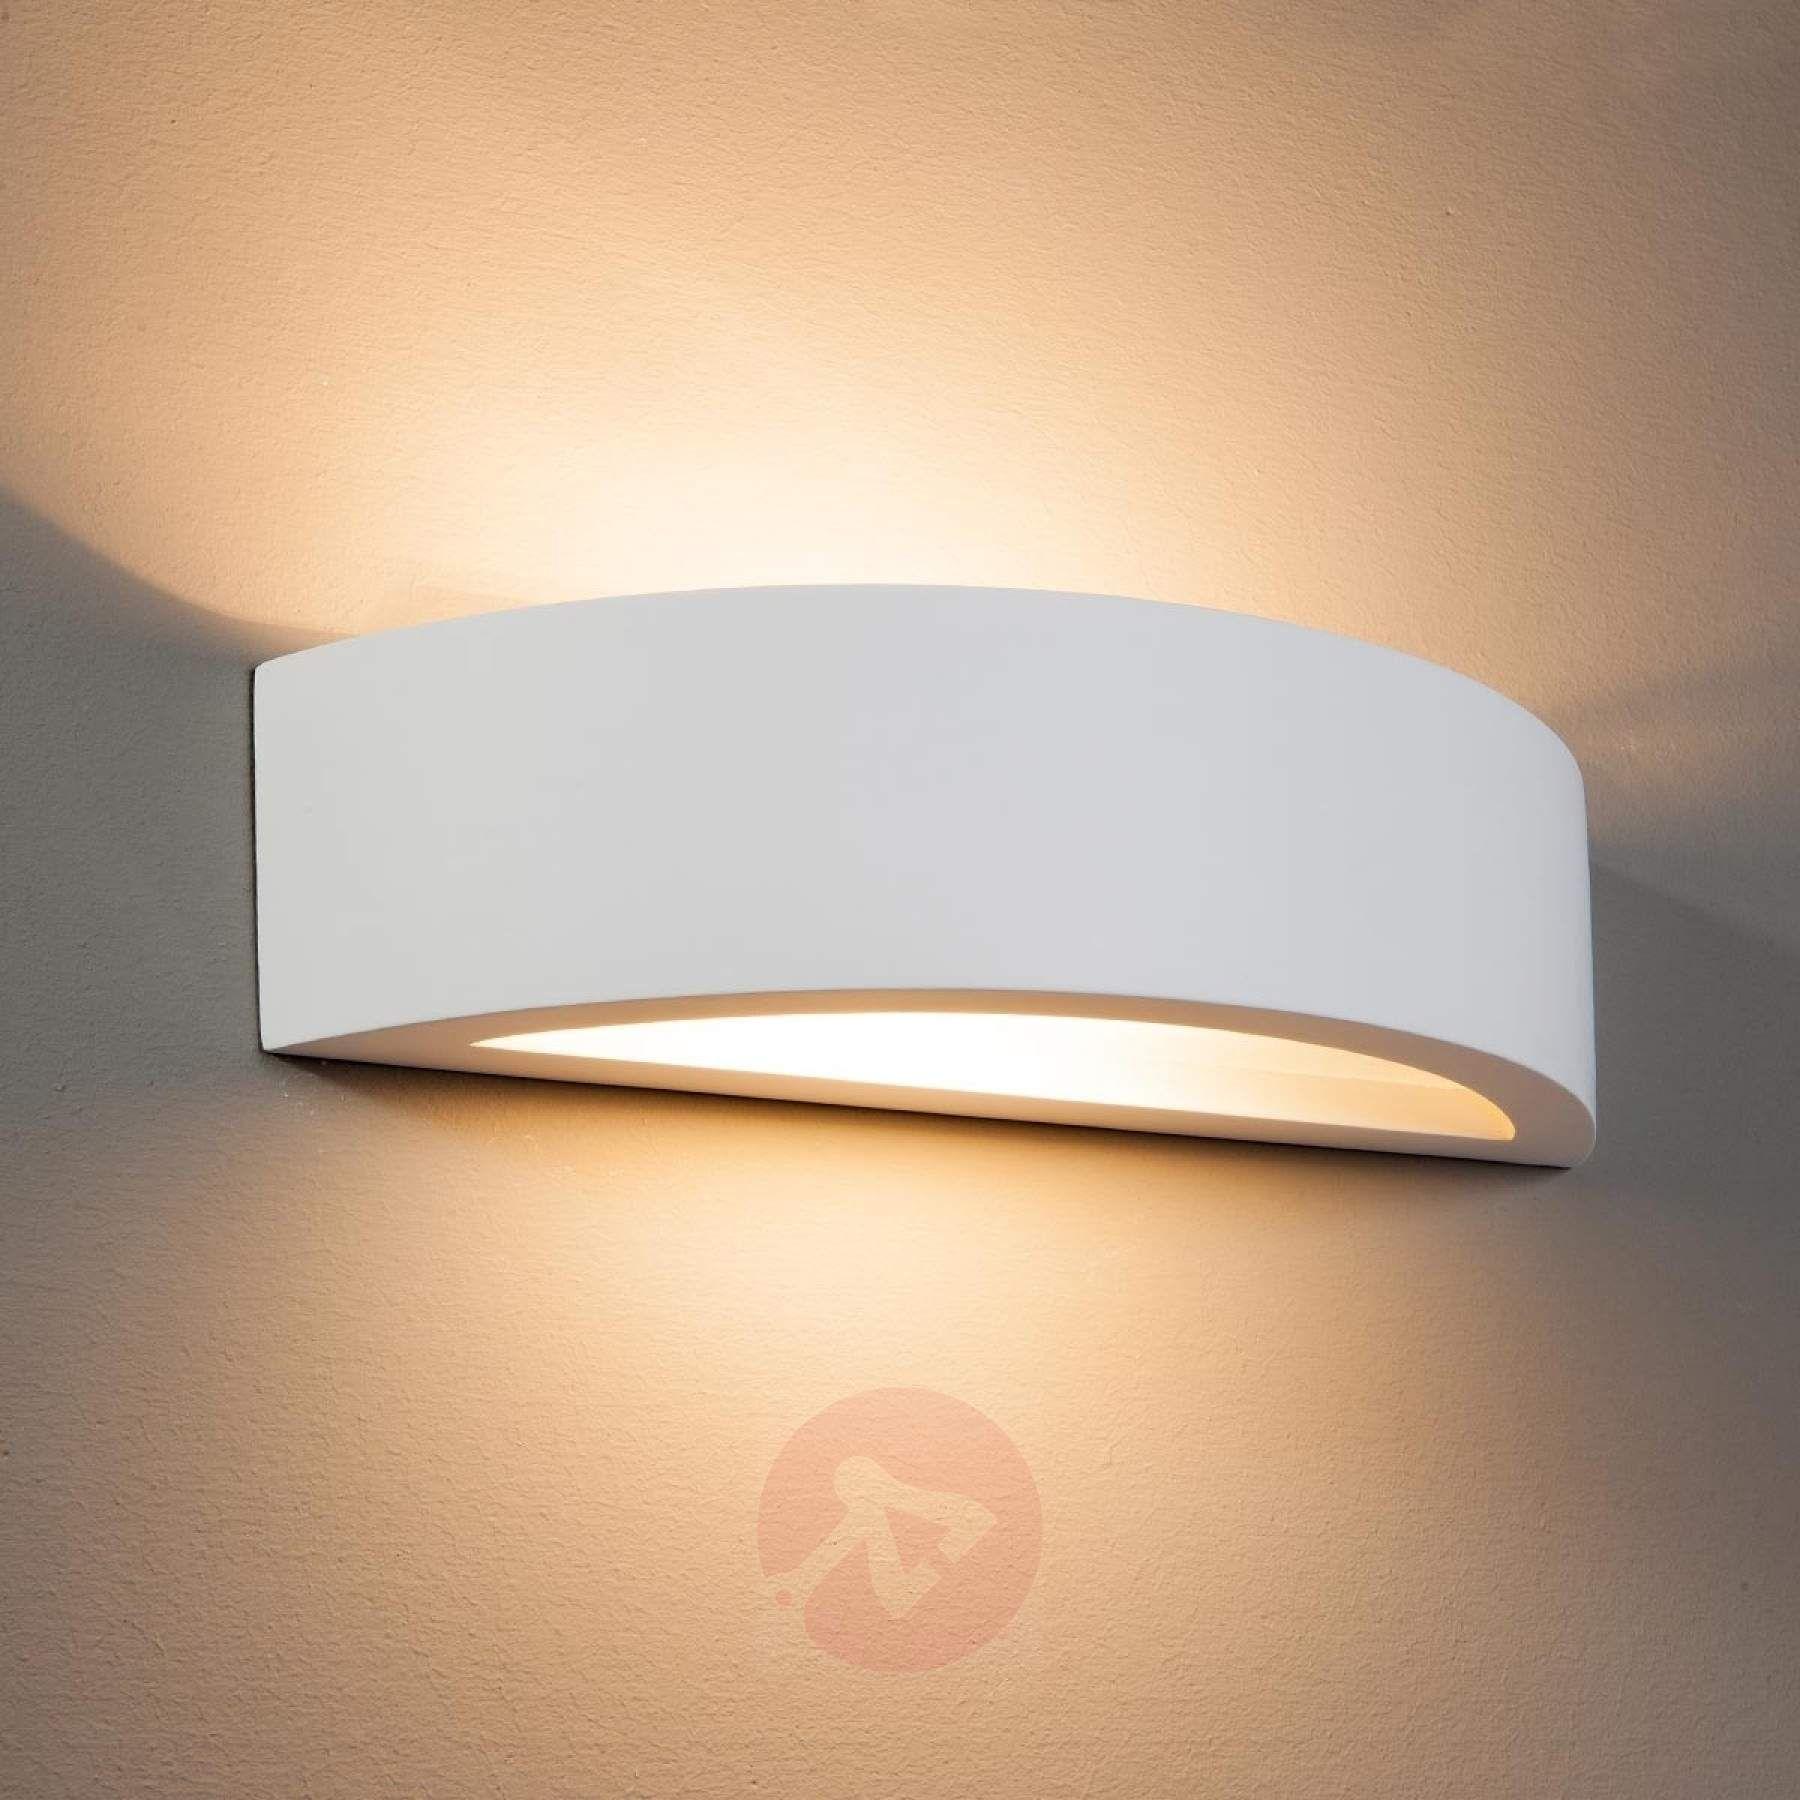 Gebogene Wandleuchte Konstantin Aus Weissem Gips Kaufen Lampenwelt De Wandleuchte Lampen Treppenhaus Wandlampe